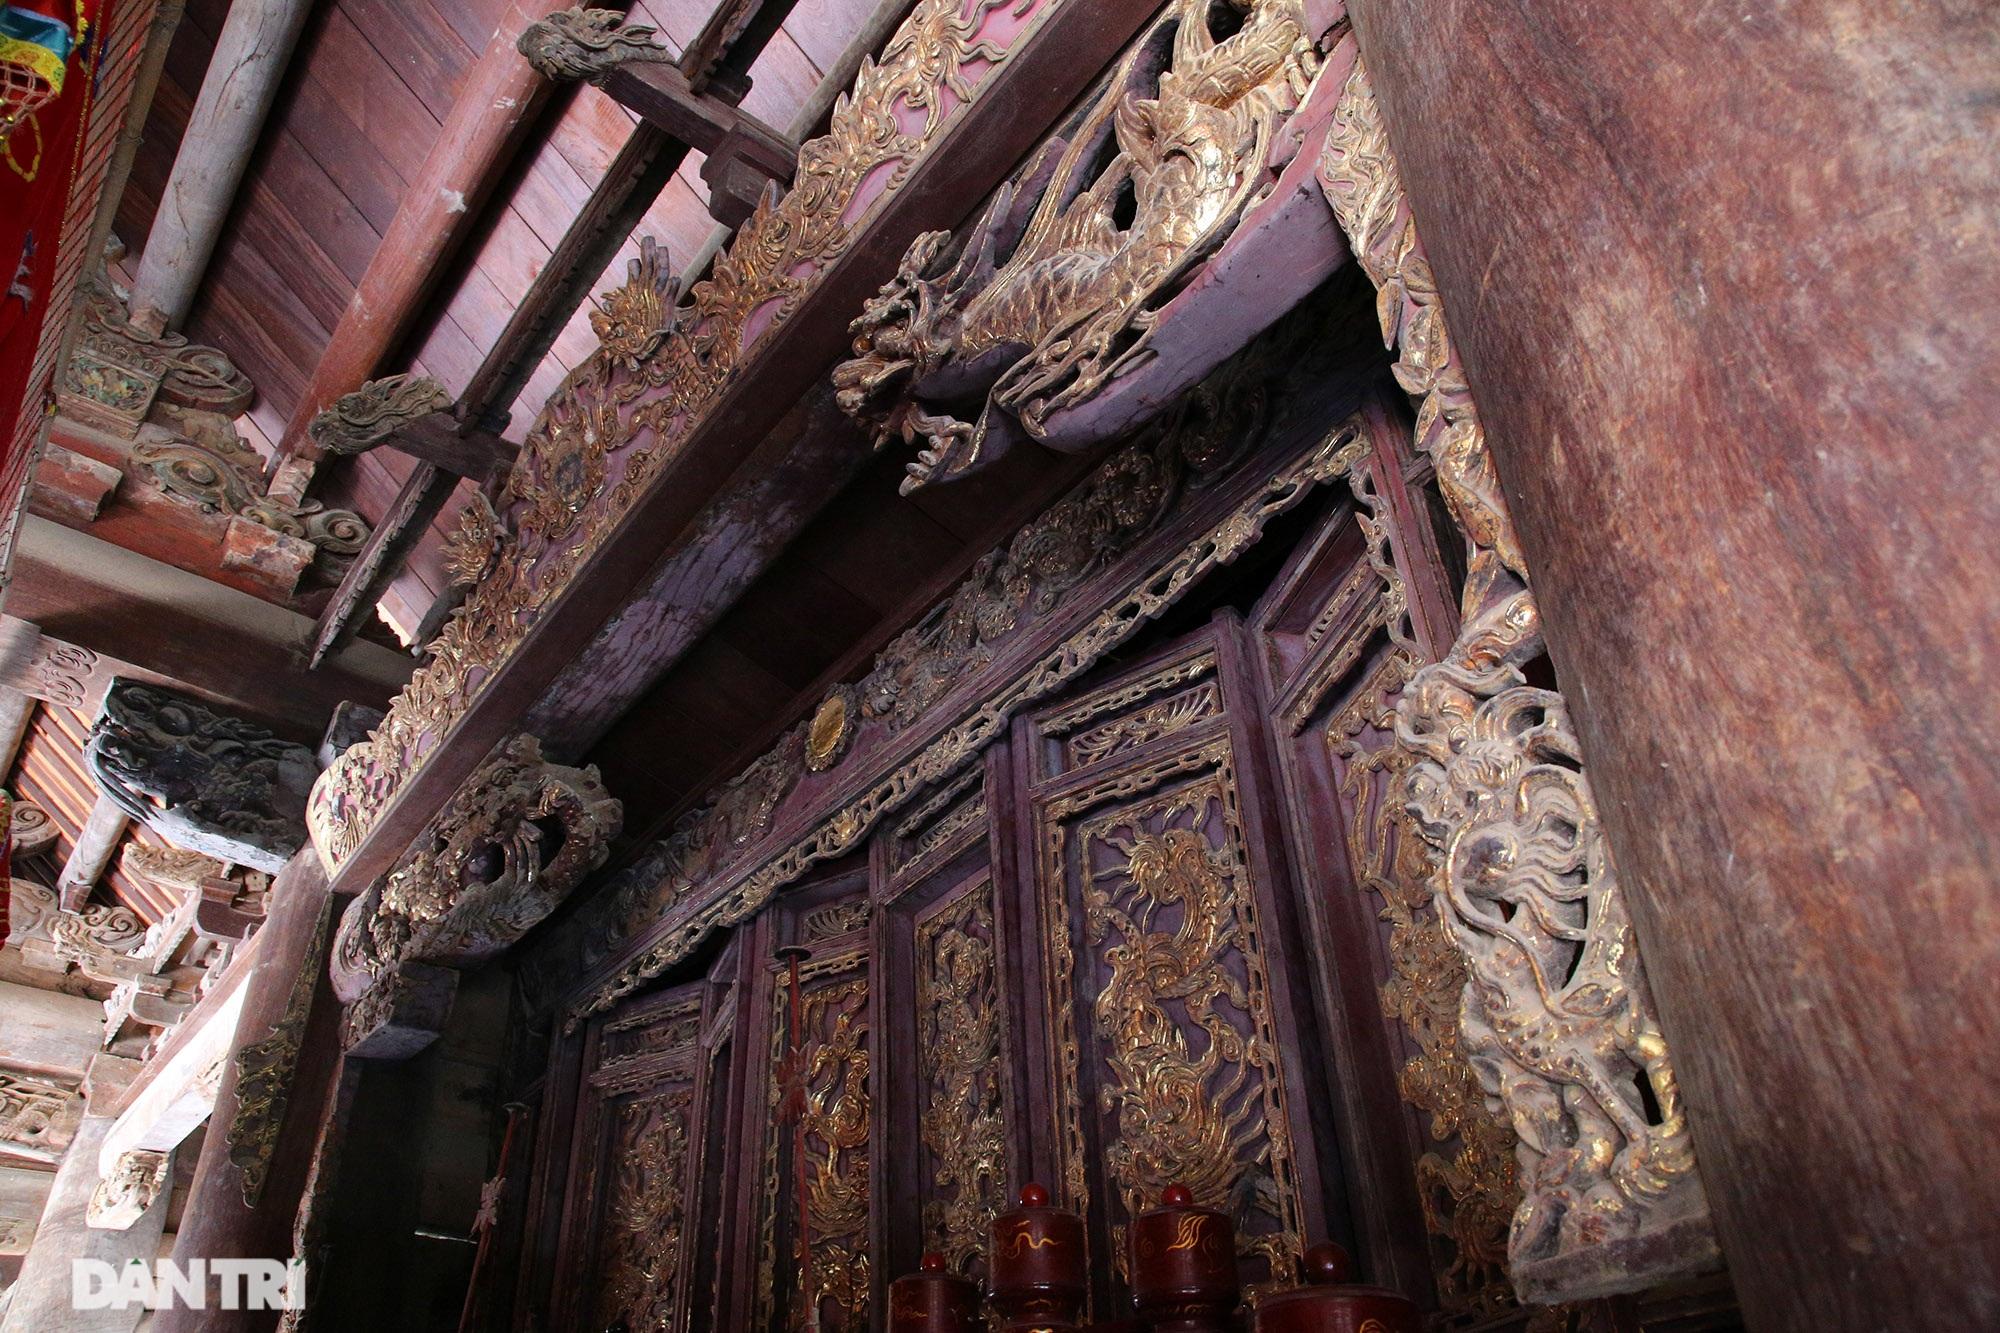 Chiêm ngưỡng tuyệt tác chạm khắc hơn 400 năm tuổi tại Hà Nội - 12